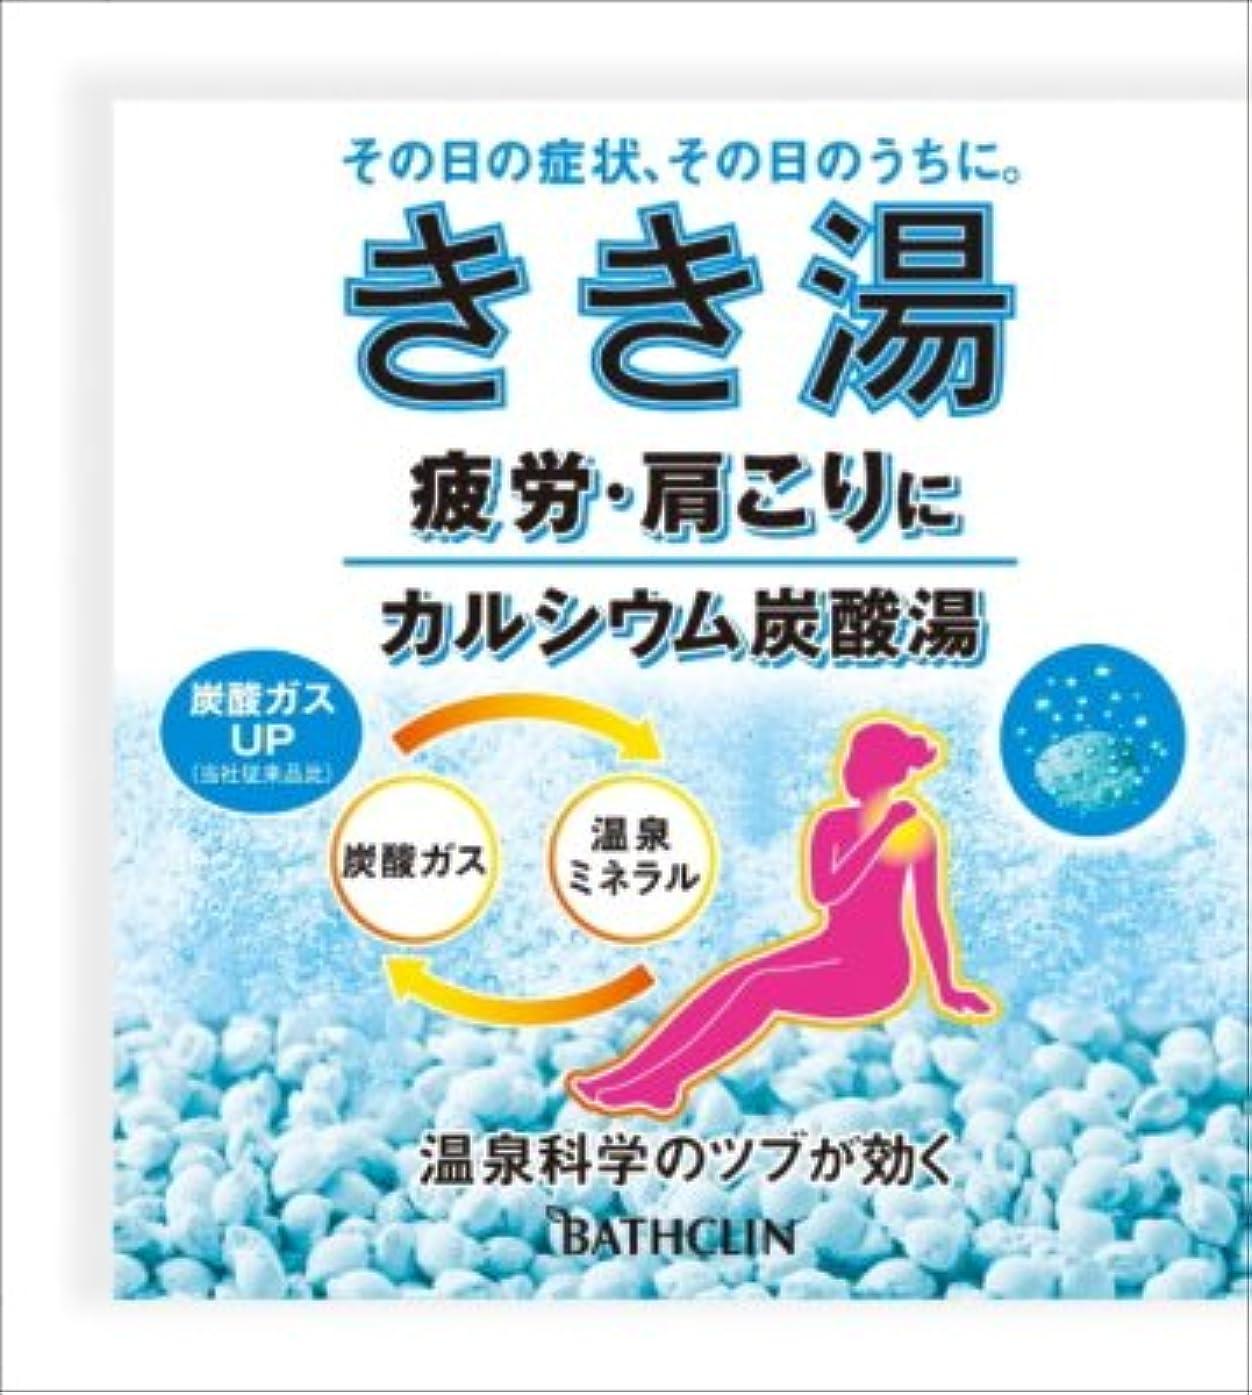 ソケットどこにでもの間にバスクリン きき湯 カルシウム炭酸湯 30g ×120個セット 青空色のお湯(透明タイプ) 気分のんびりラムネの香り 入浴剤